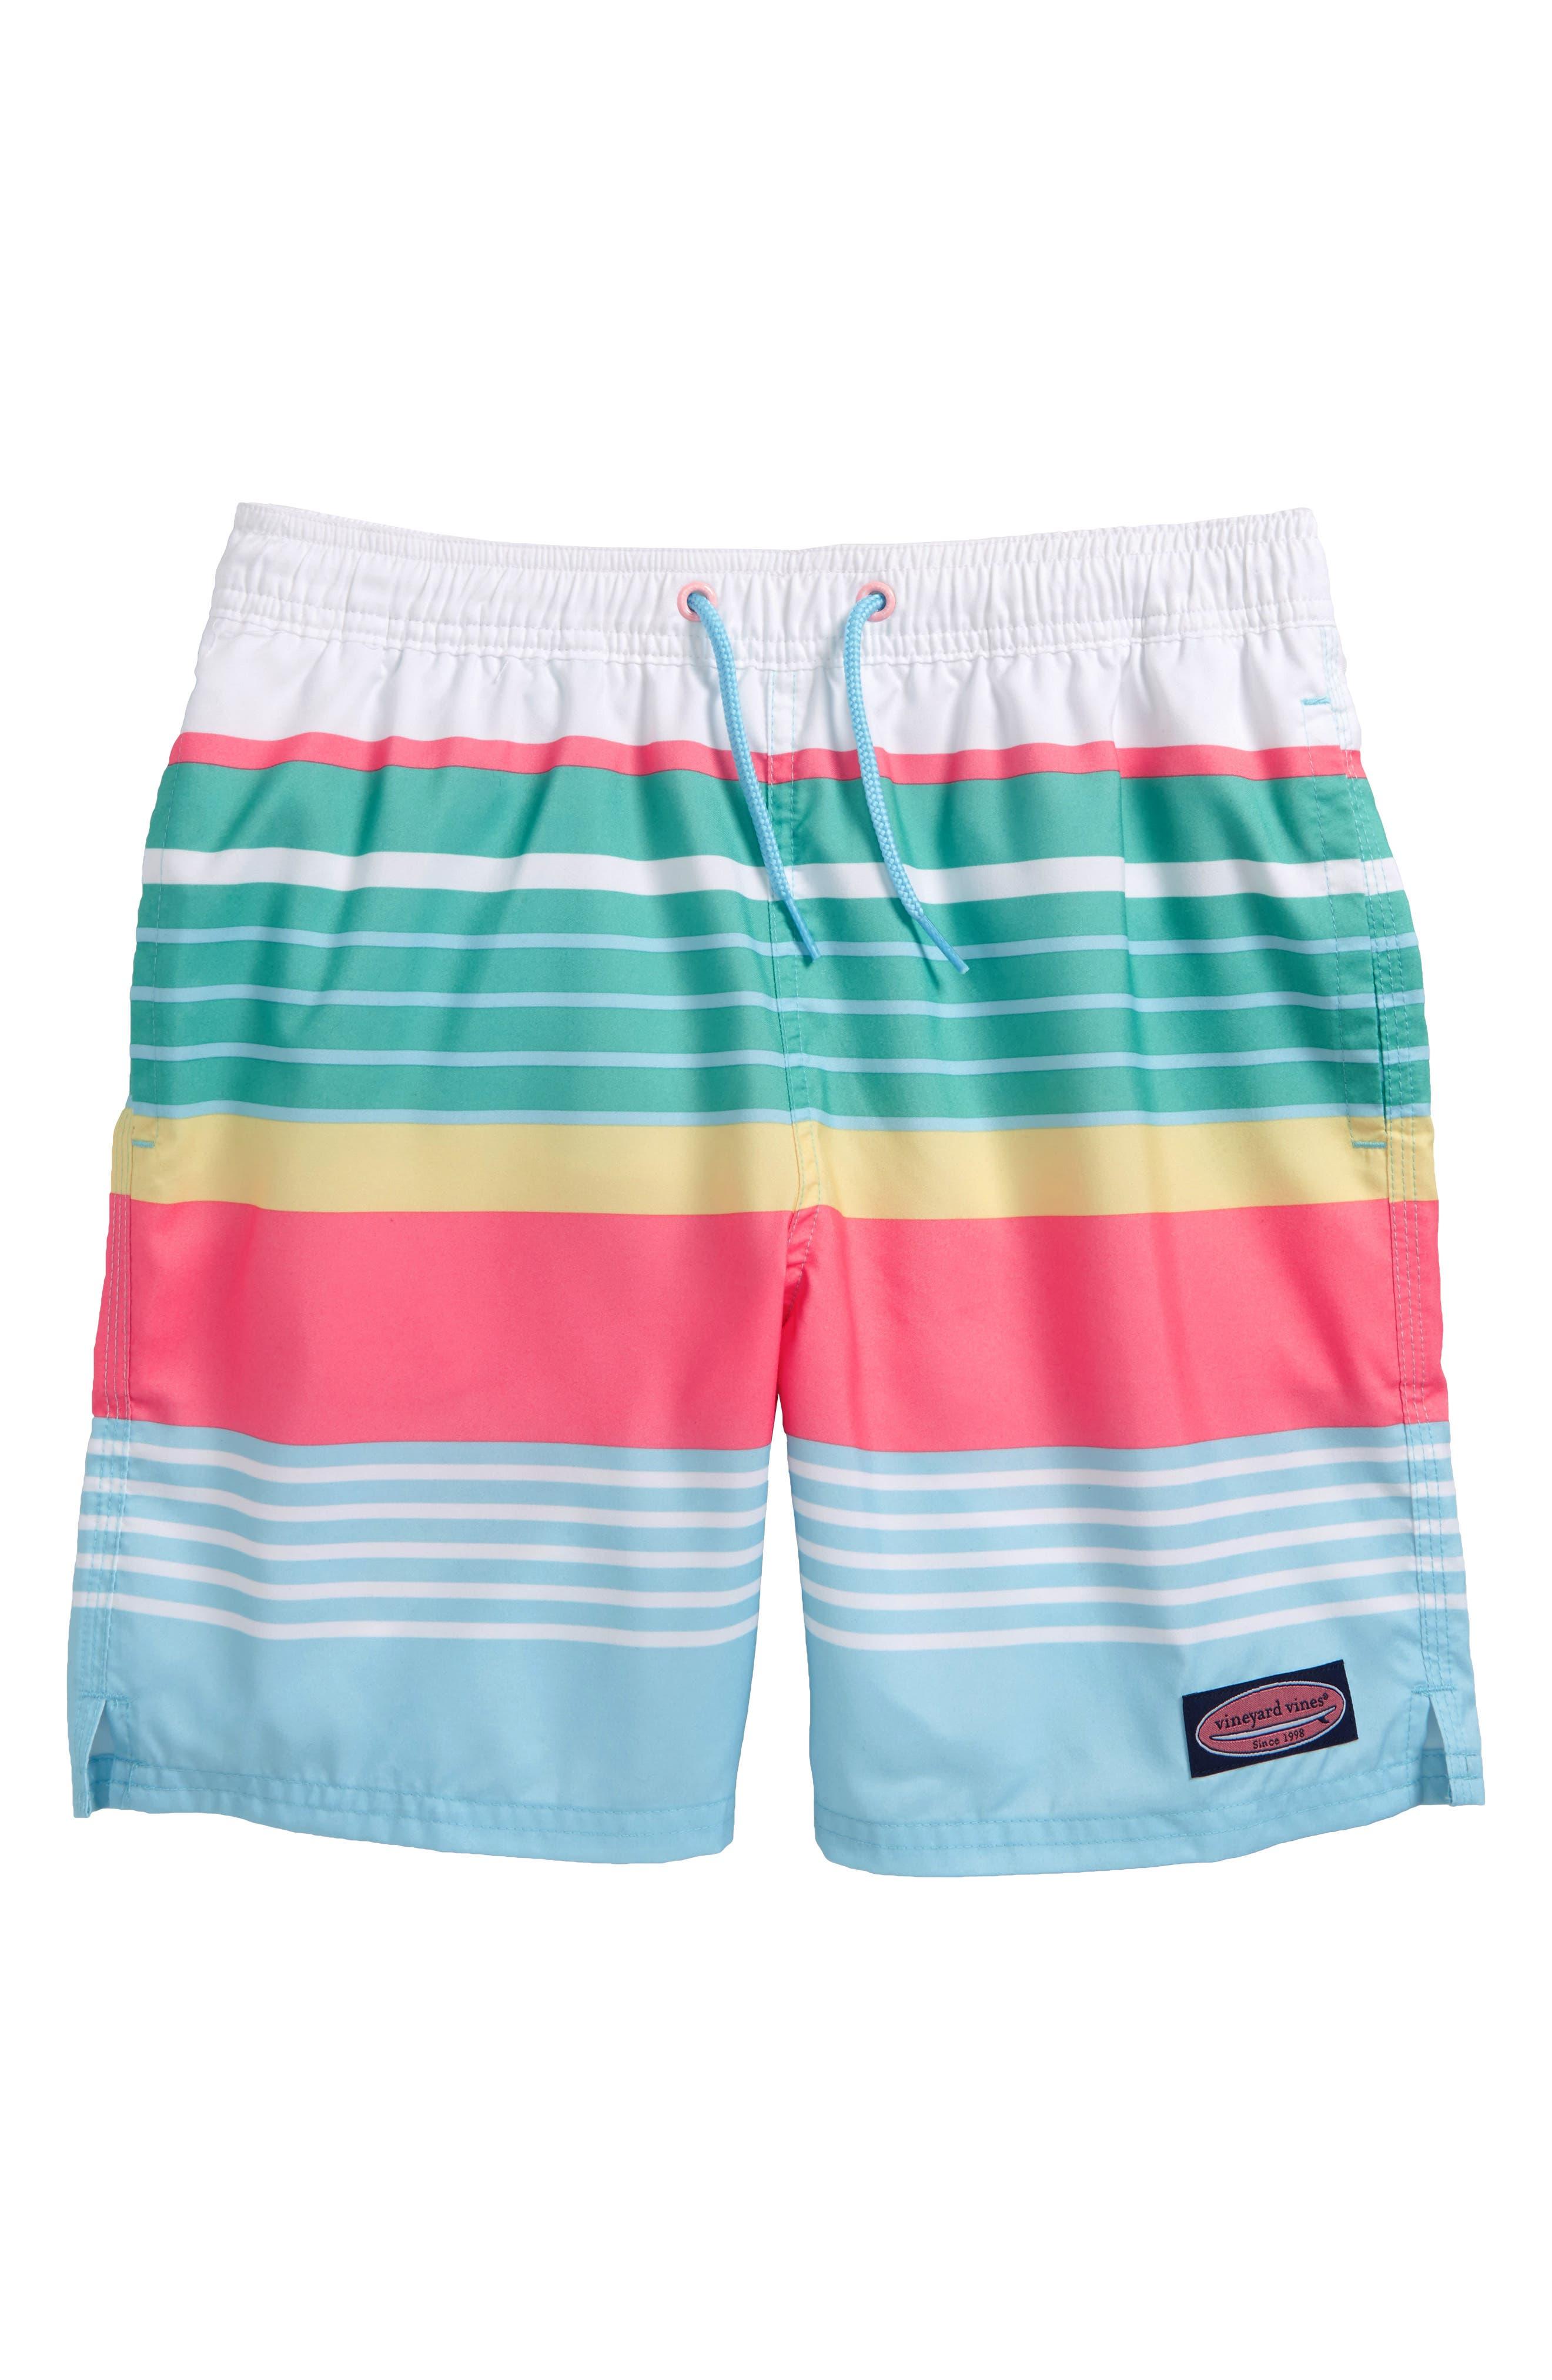 Chappy Boca Bay Stripe Swim Trunks,                         Main,                         color, 422